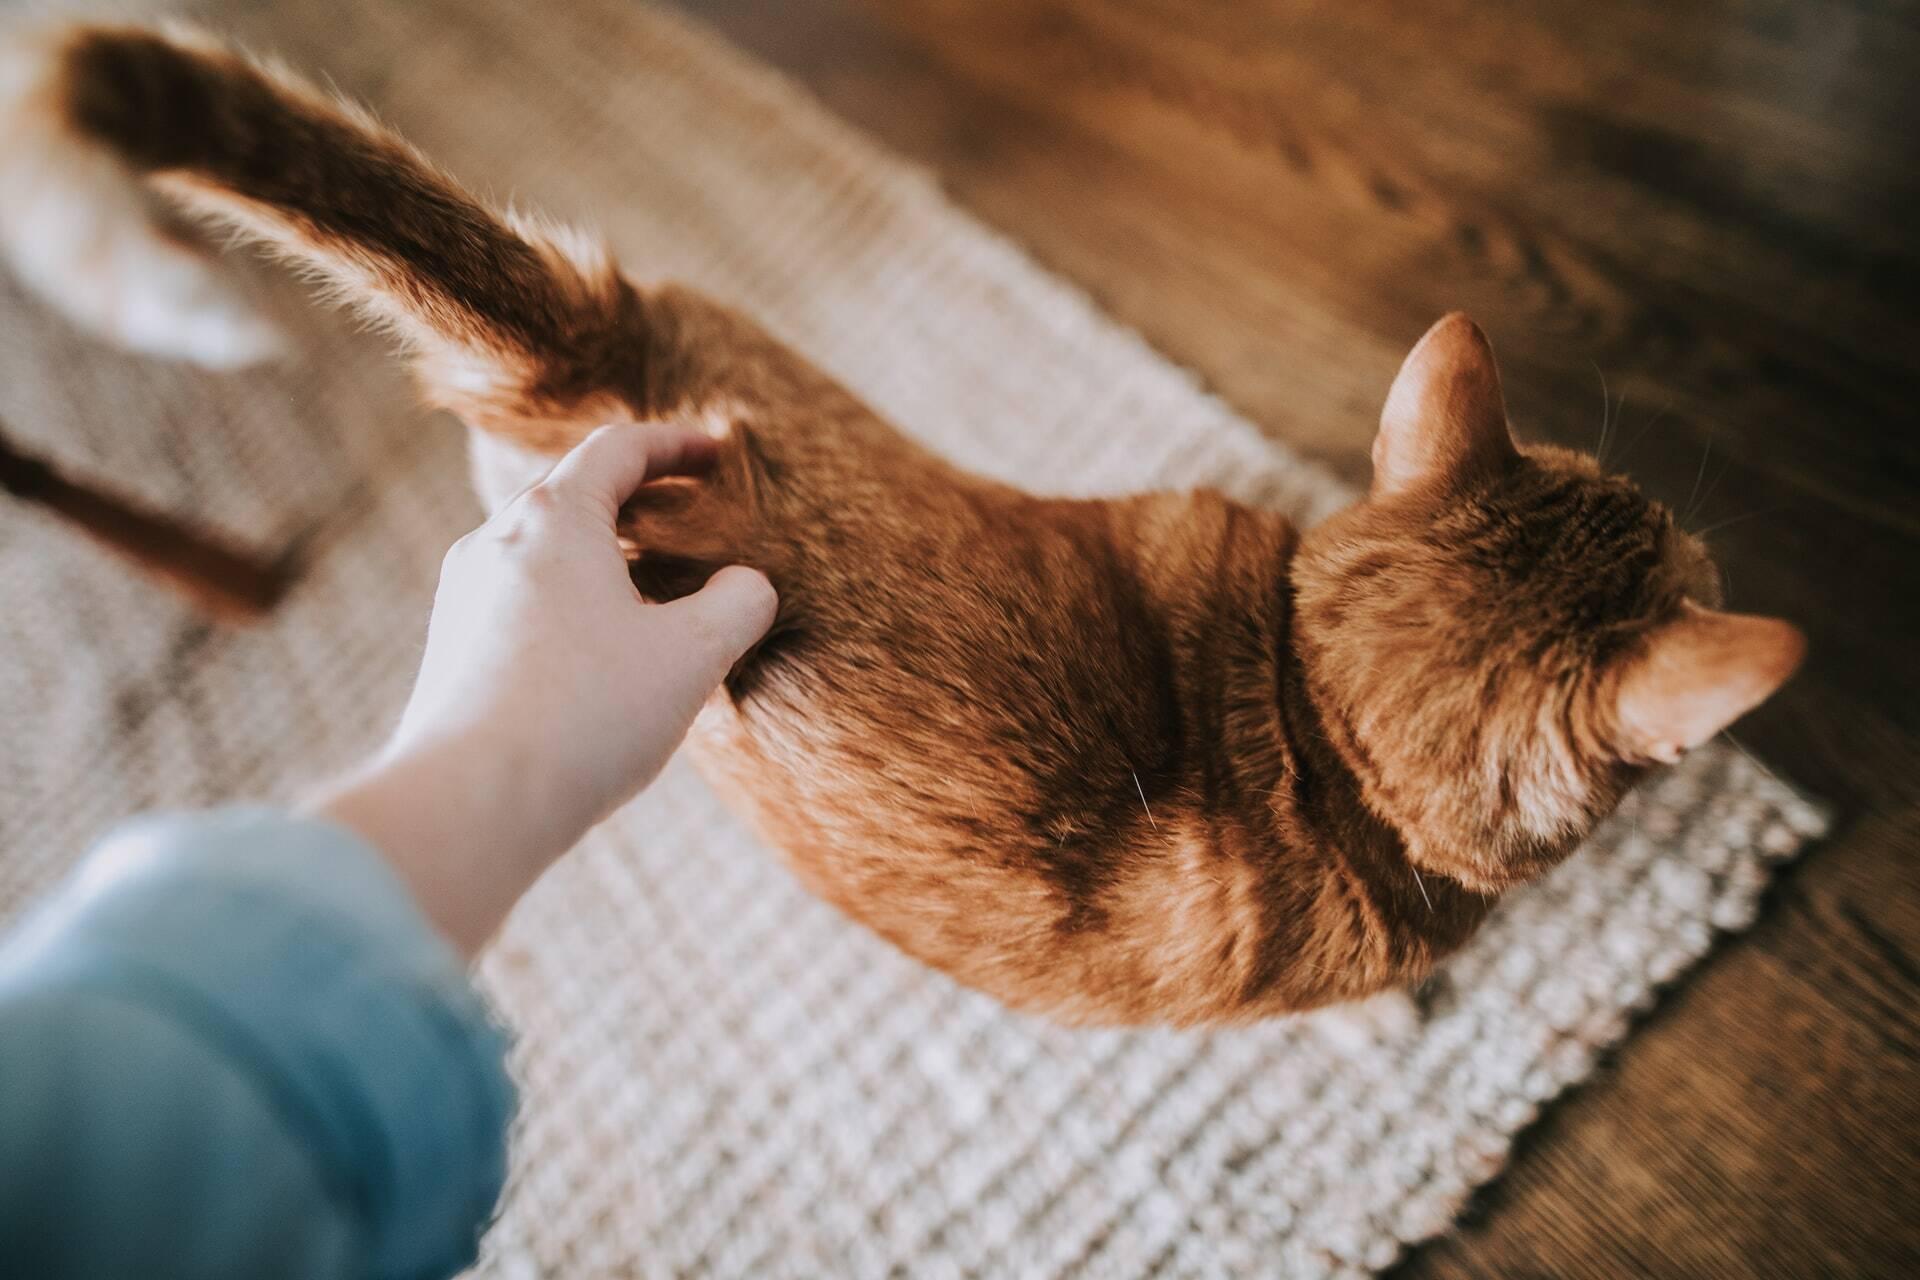 Quer acariciar um gato? Espere o consentimento dele, dizes especialistas